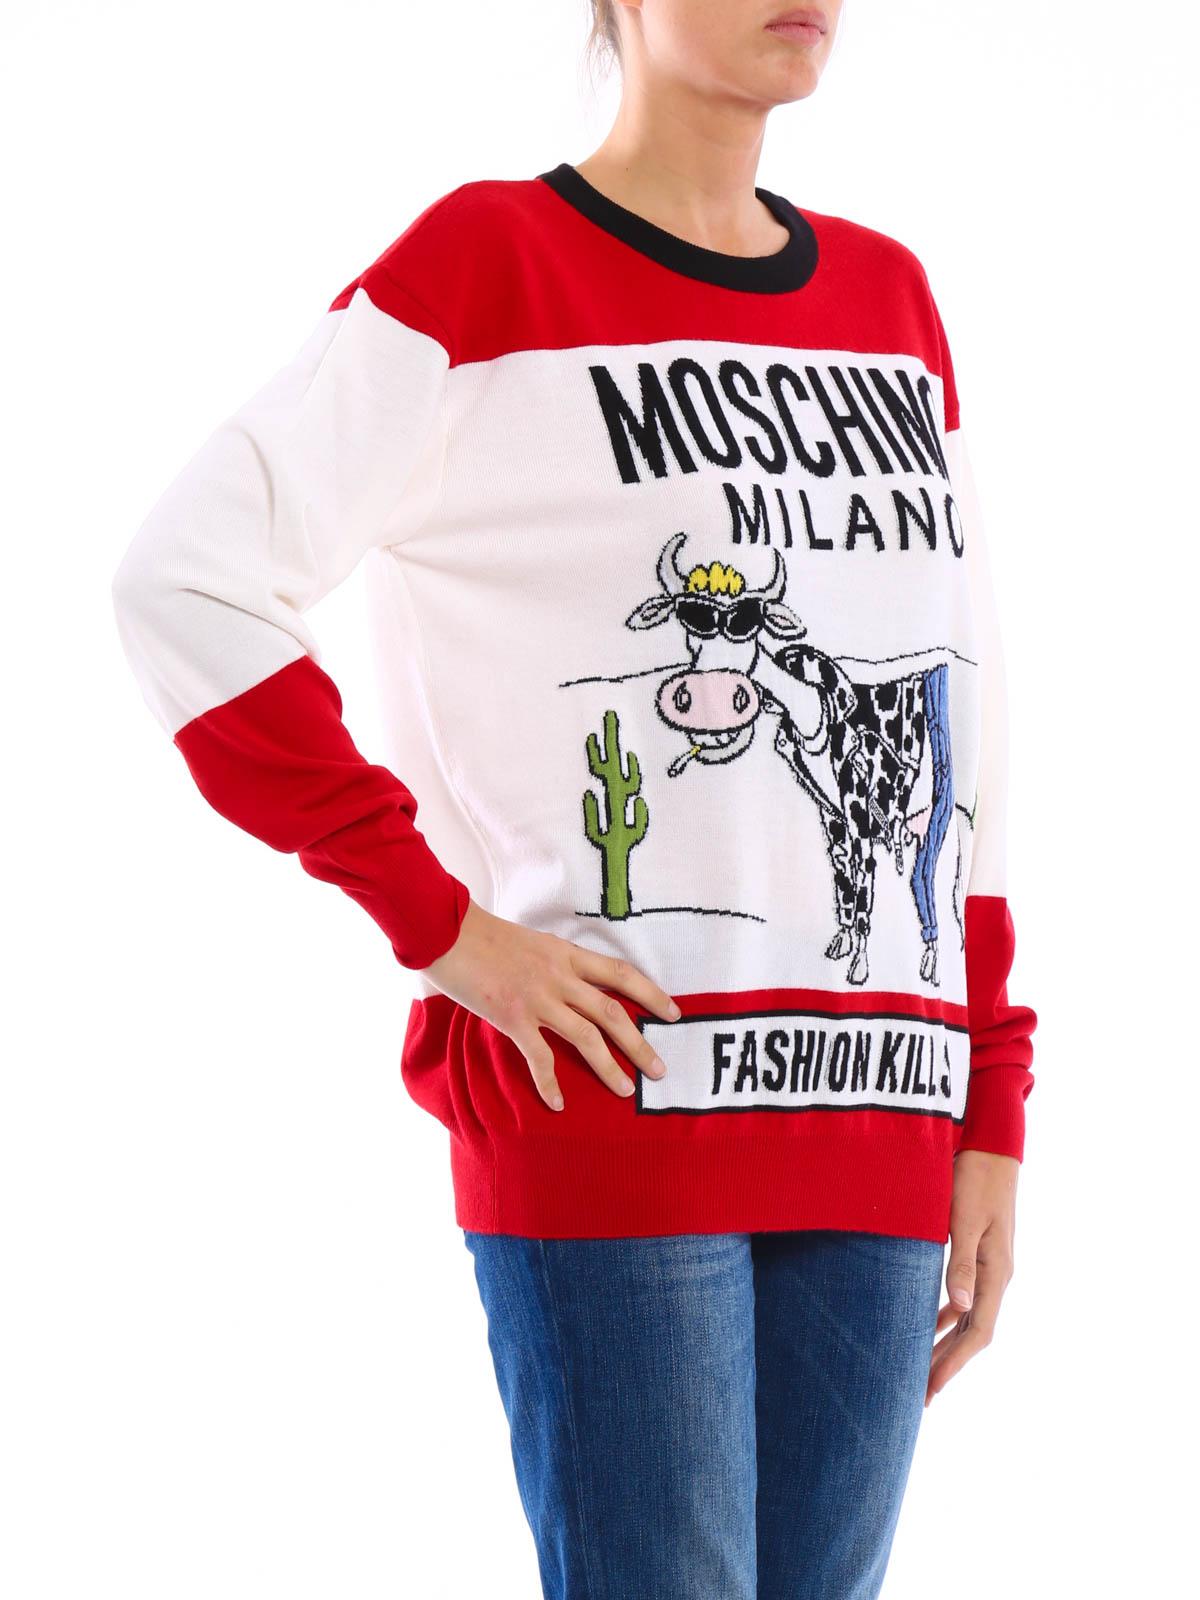 Collo Lana Maglia Moschino Vergine Couture In Ricamato Pullover qnfF018